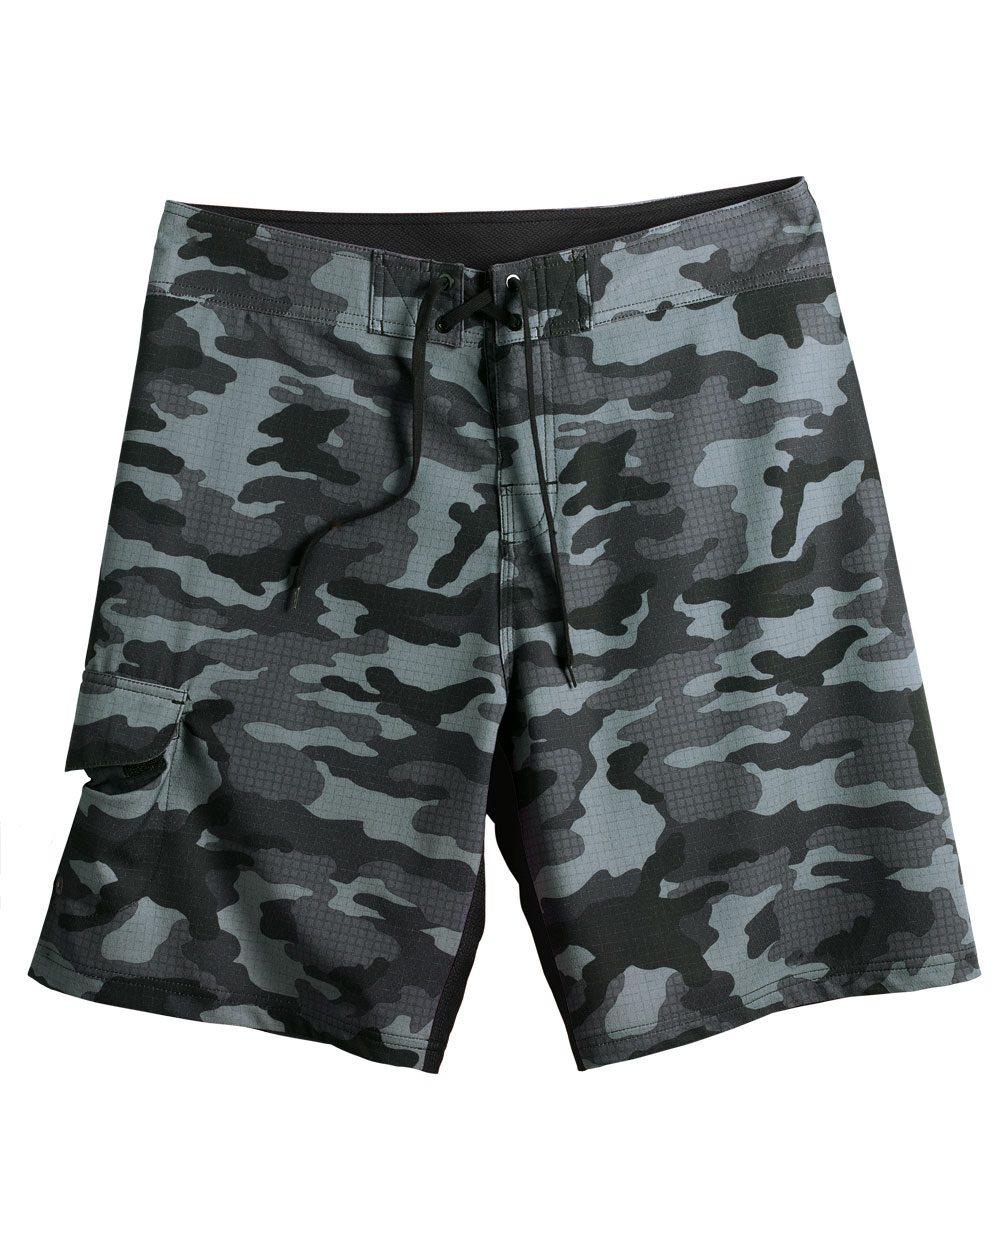 Burnside Camo-Diamond Dobby Board Shorts - B9371